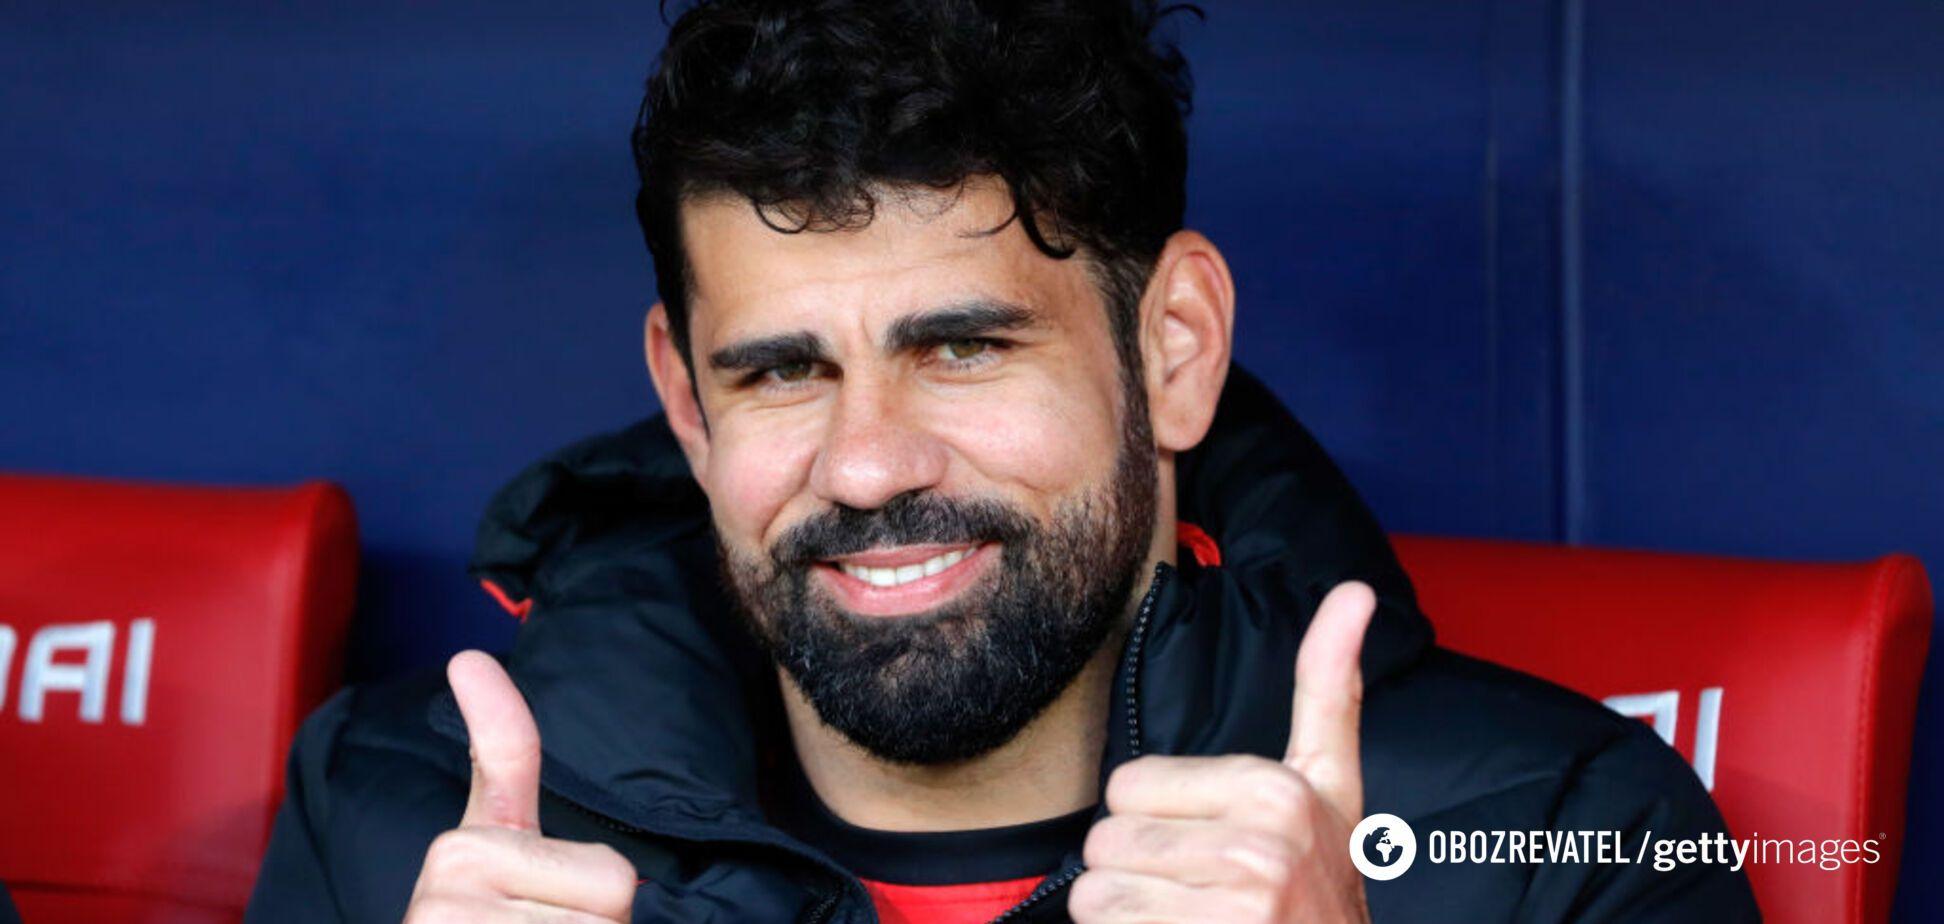 Дієго Коста кахикнув на журналістів після матчу 'Ліверпуль' - 'Атлетіко'